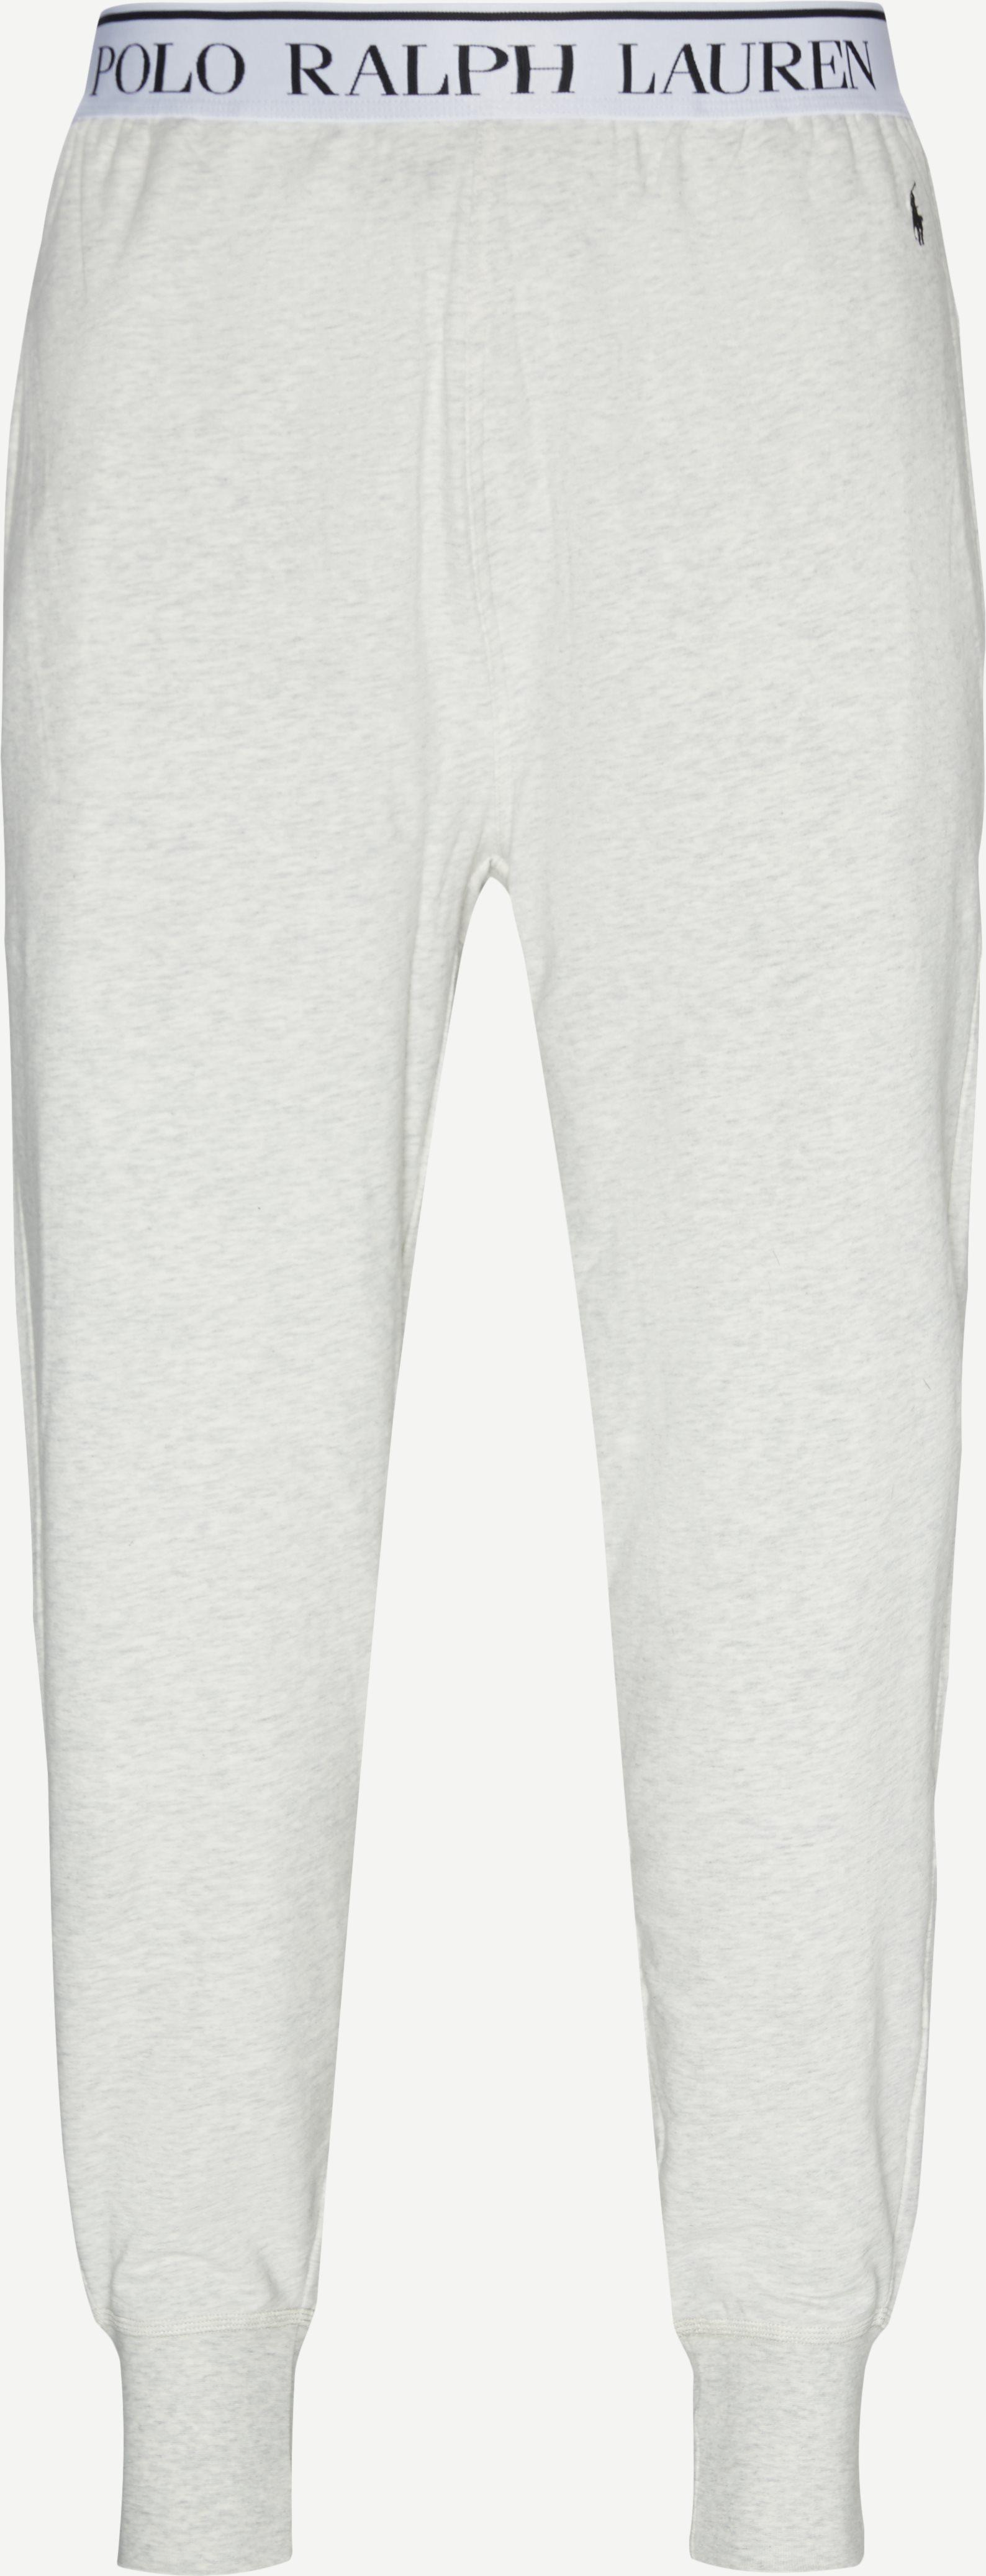 Underkläder - Regular fit - Grå